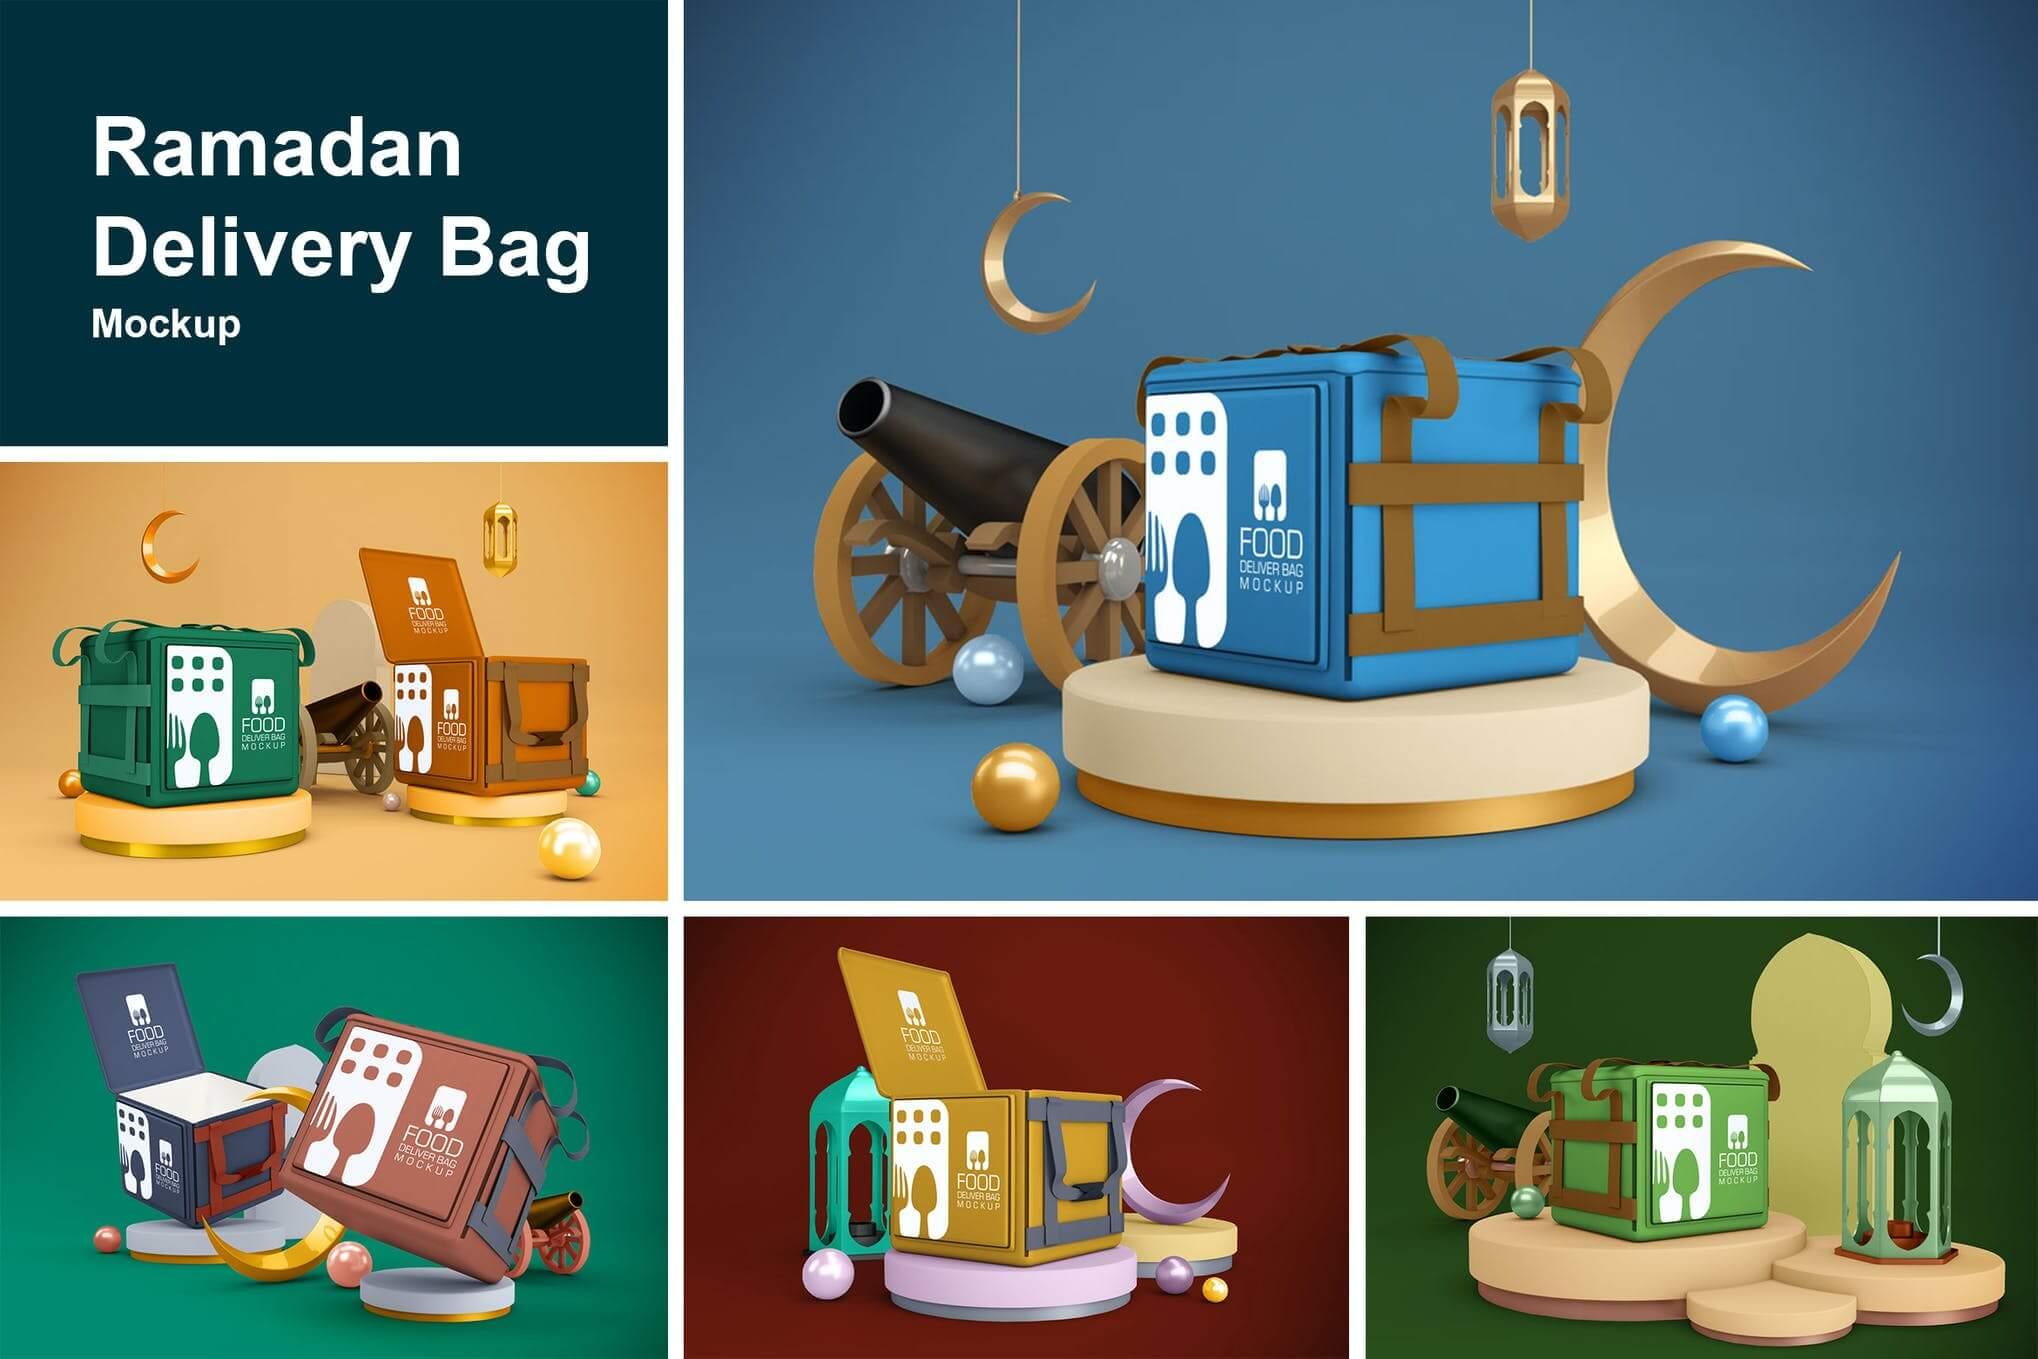 Ramadan delivery bag (1)